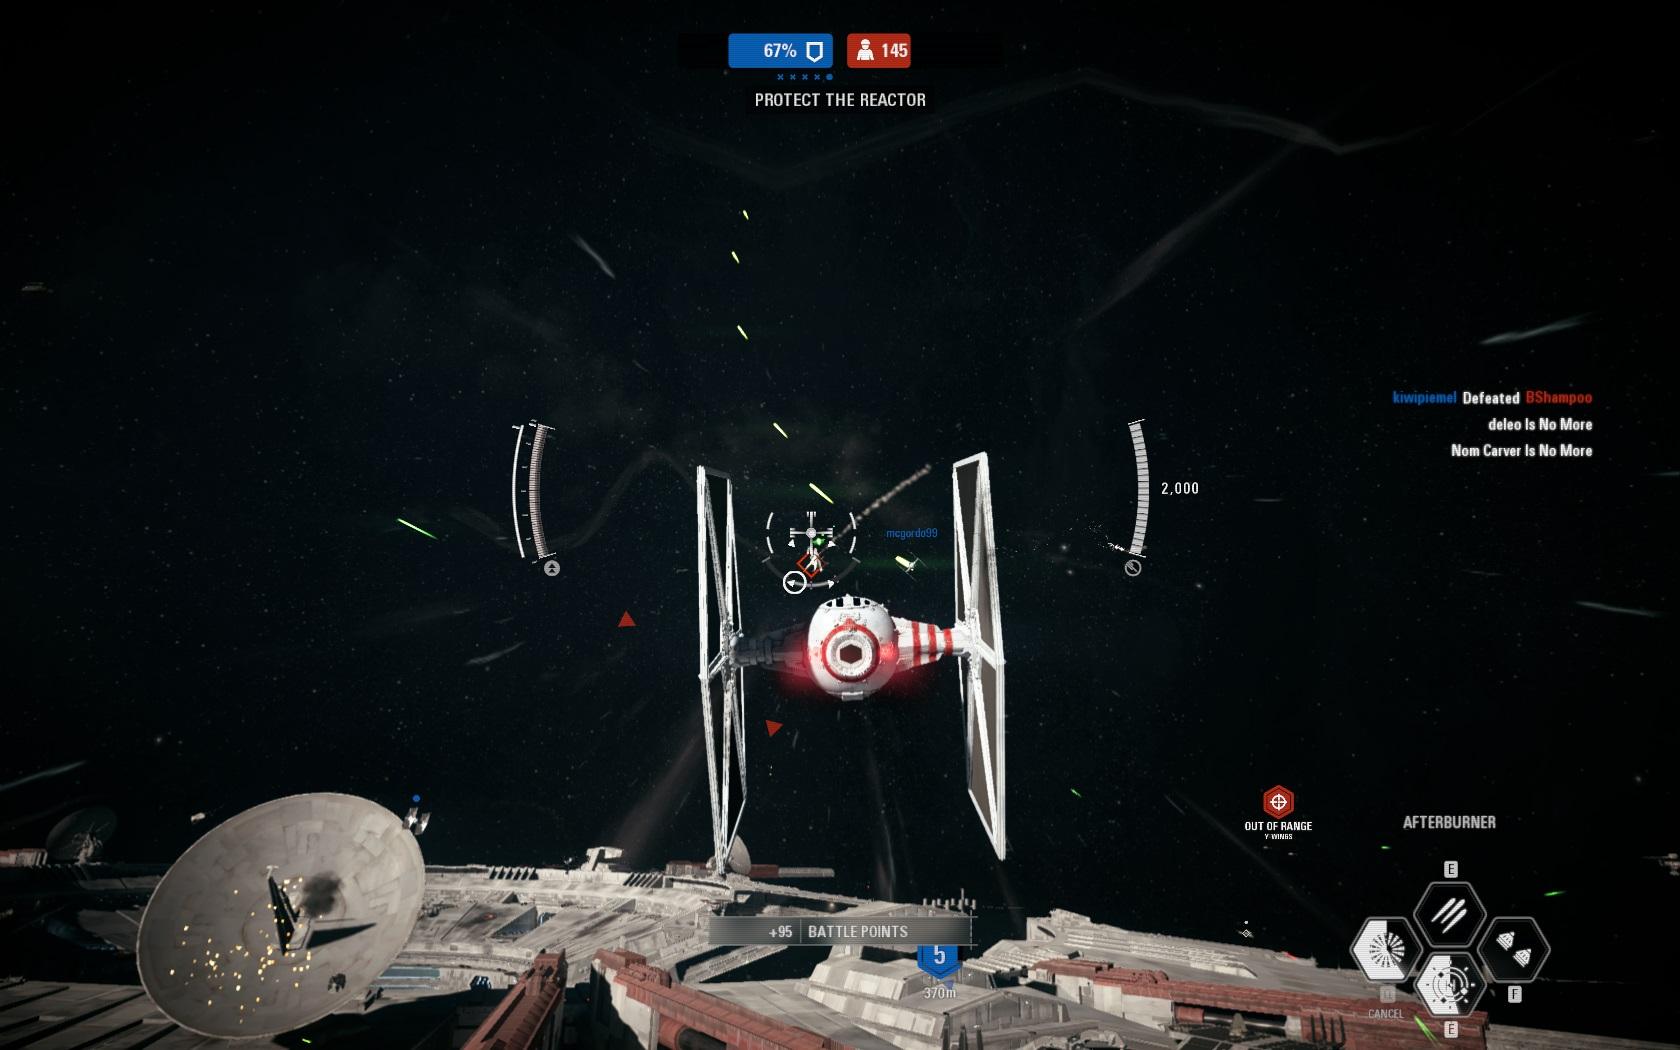 Patch Star Wars: Battlefrontu 2 přidává mapu pro Blast a hrdinskou stíhačku TIE 154894